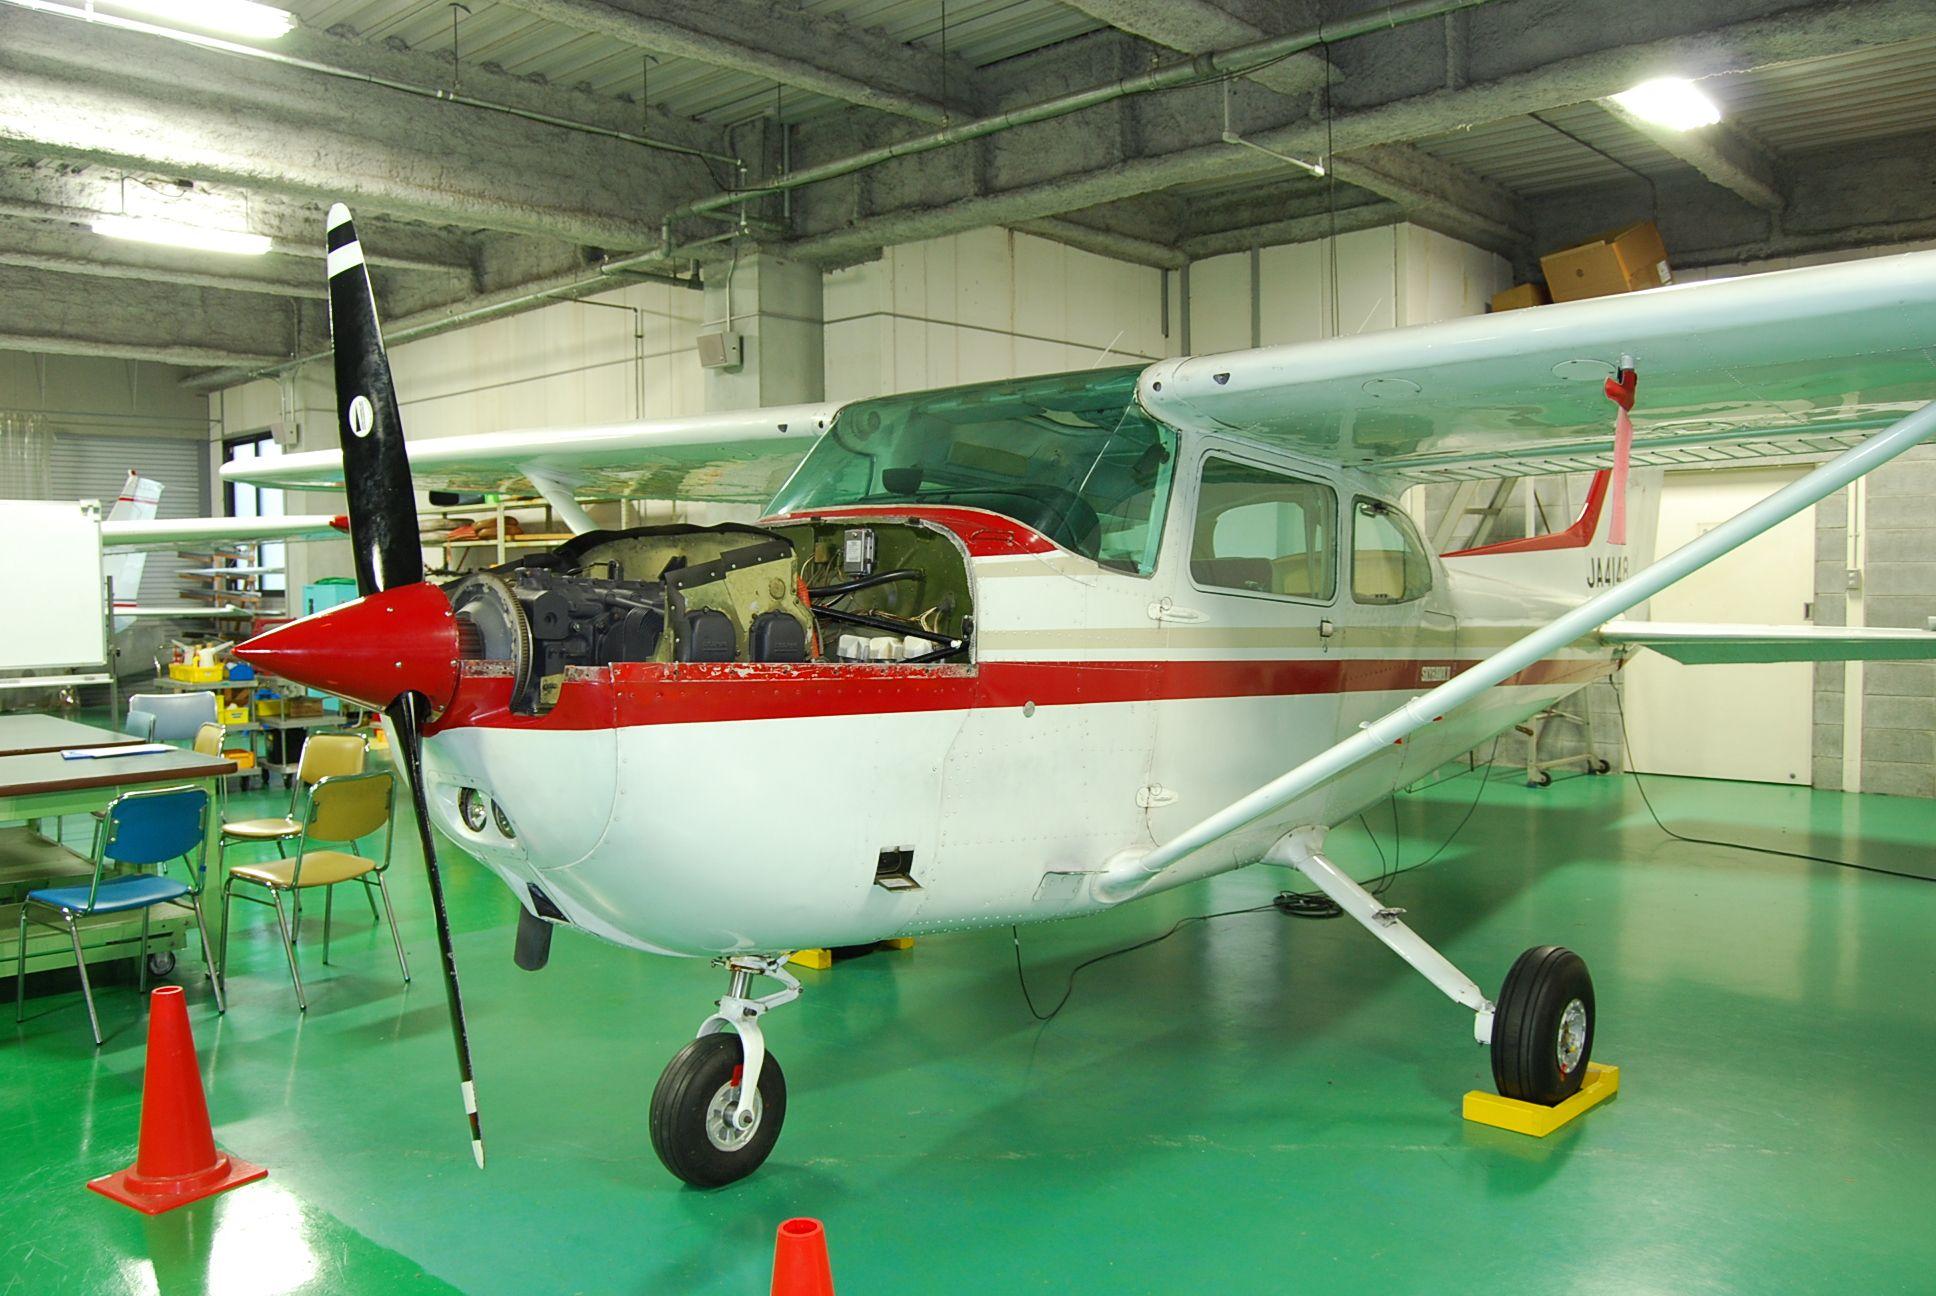 整備を学ぶための機体の画像